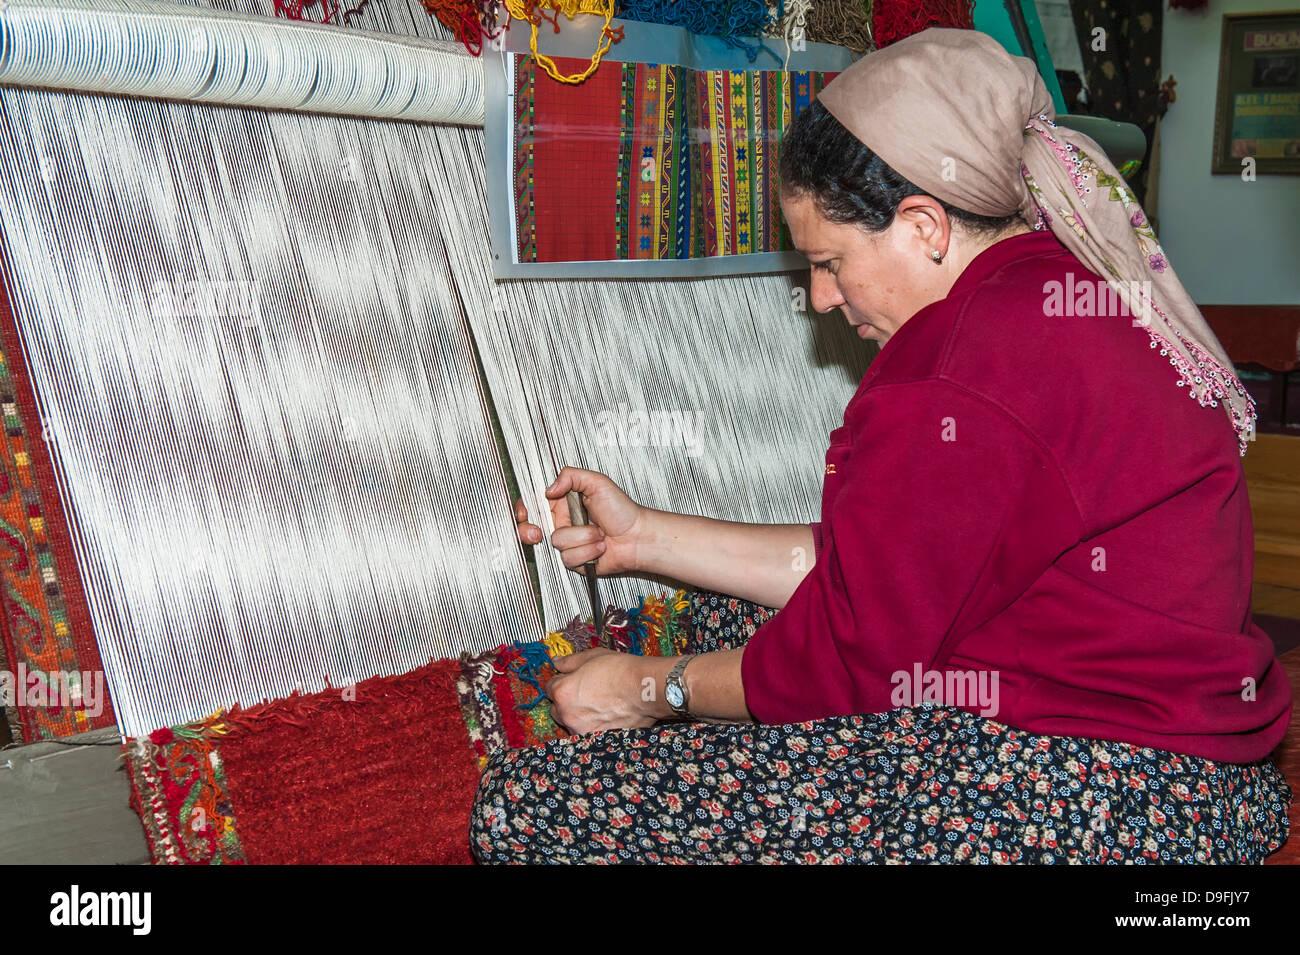 Mujer tejiendo una alfombra, Anatolia, Antalya, Turquía Minor, Eurasia Imagen De Stock